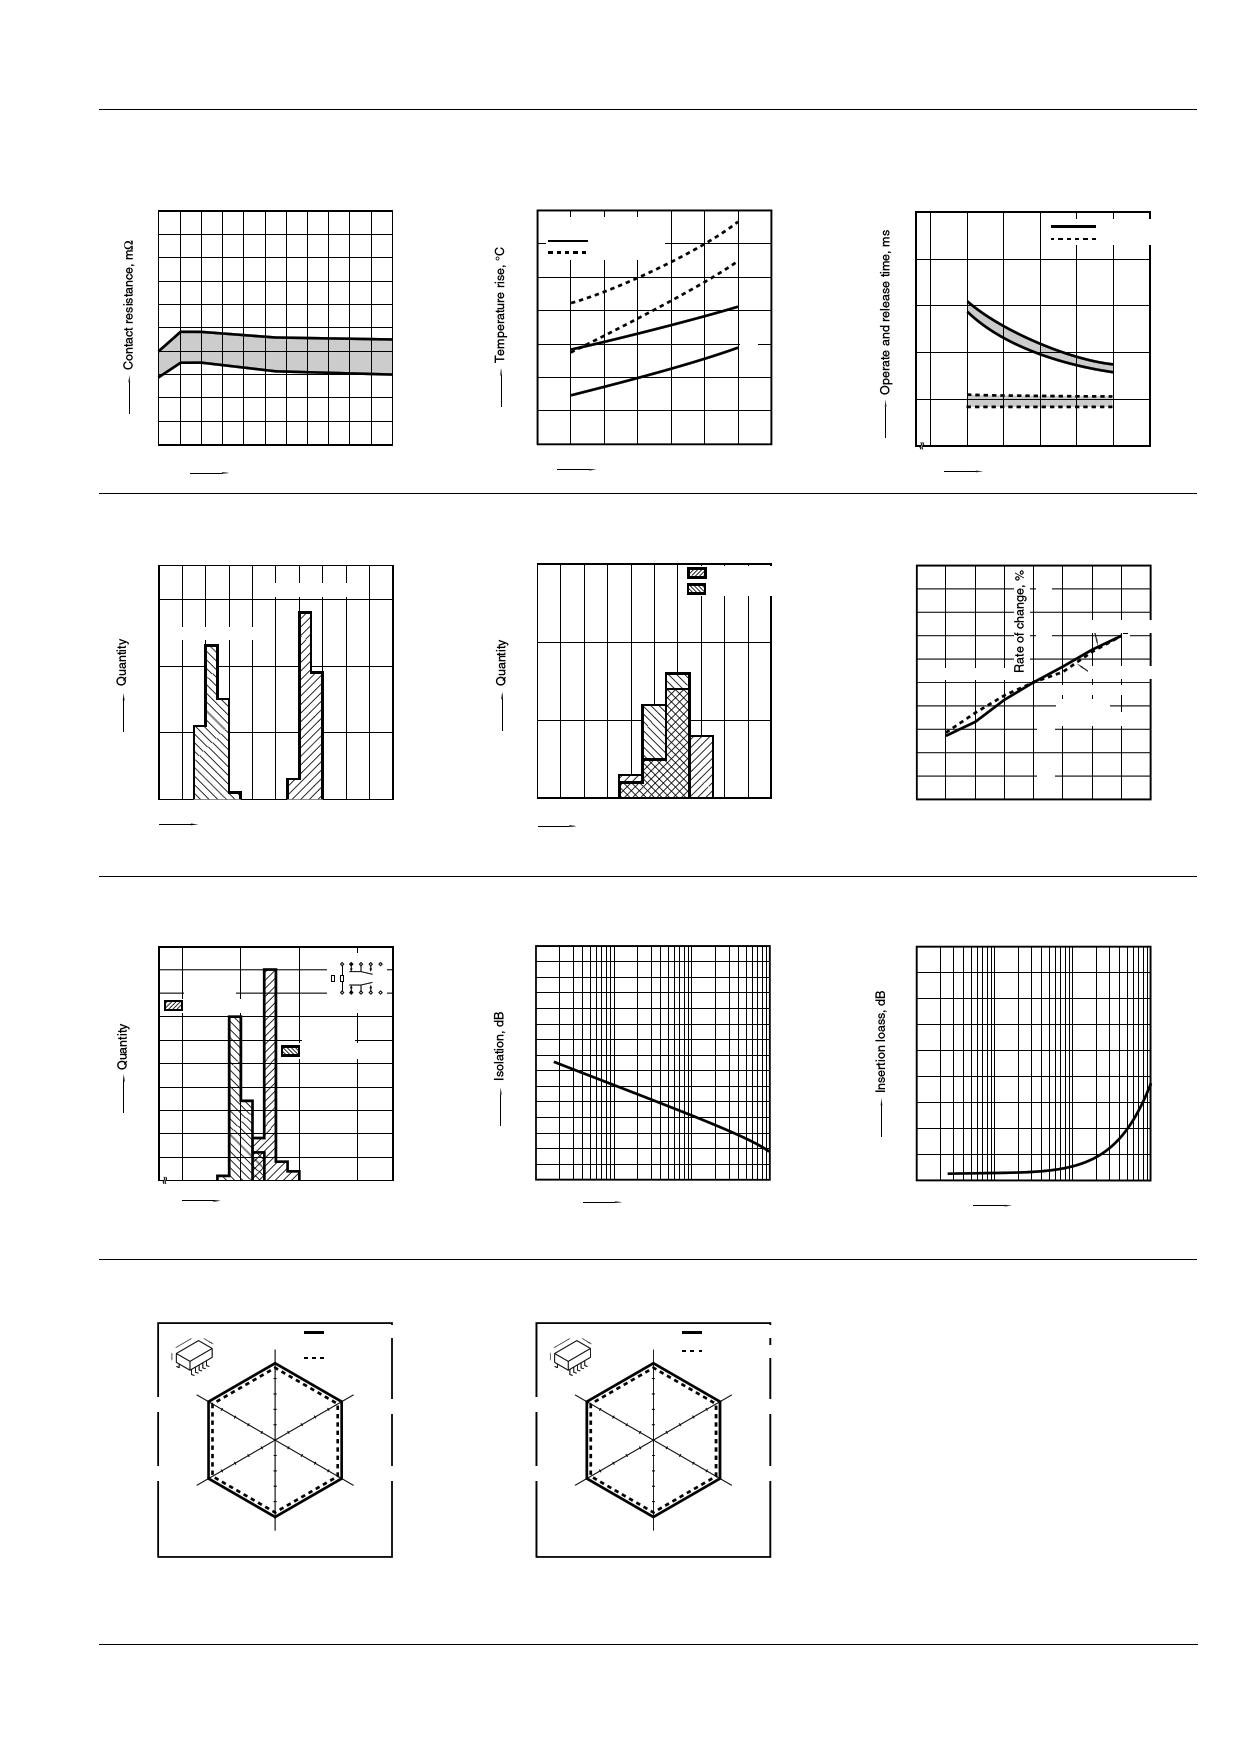 TQ2SS-L-3V pdf, 반도체, 판매, 대치품